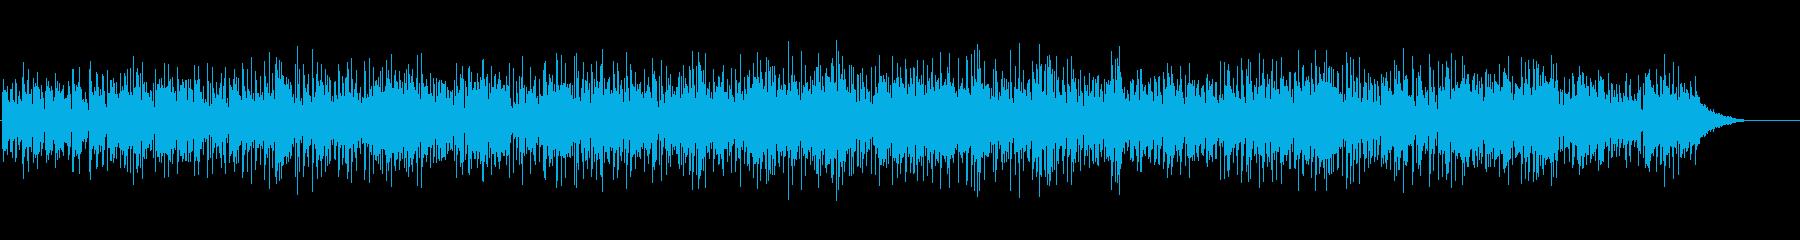 シリアスなスムースジャズの再生済みの波形